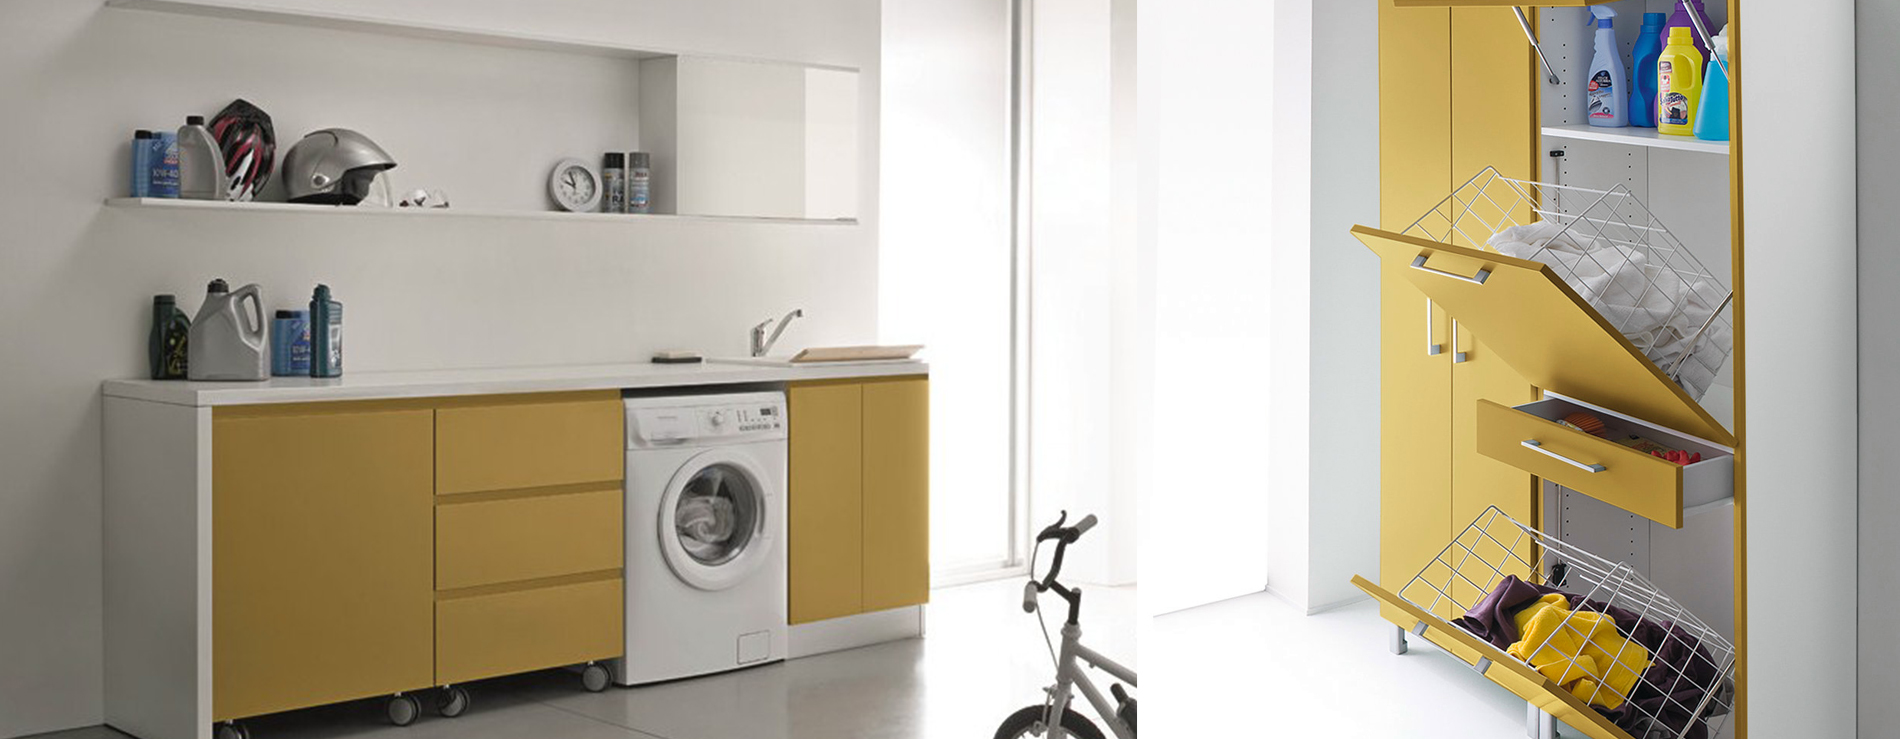 Bagno con pareti in mosaico beige - Accessori lavanderia casa ...